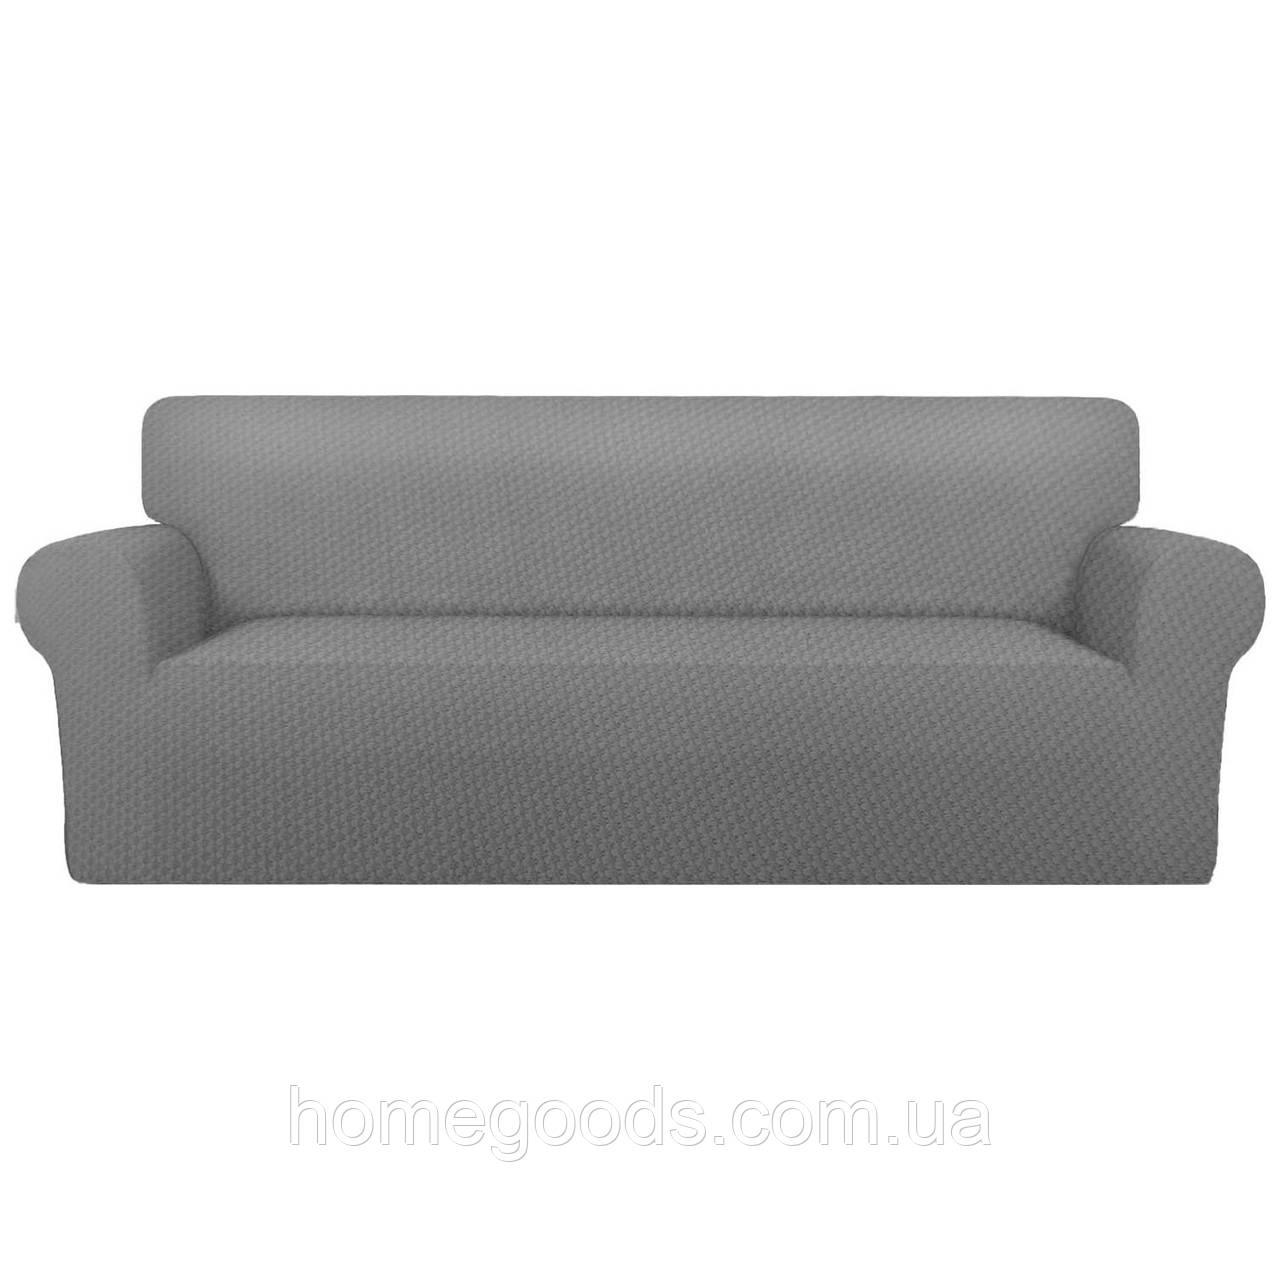 Однотонный чехол на диван Серый